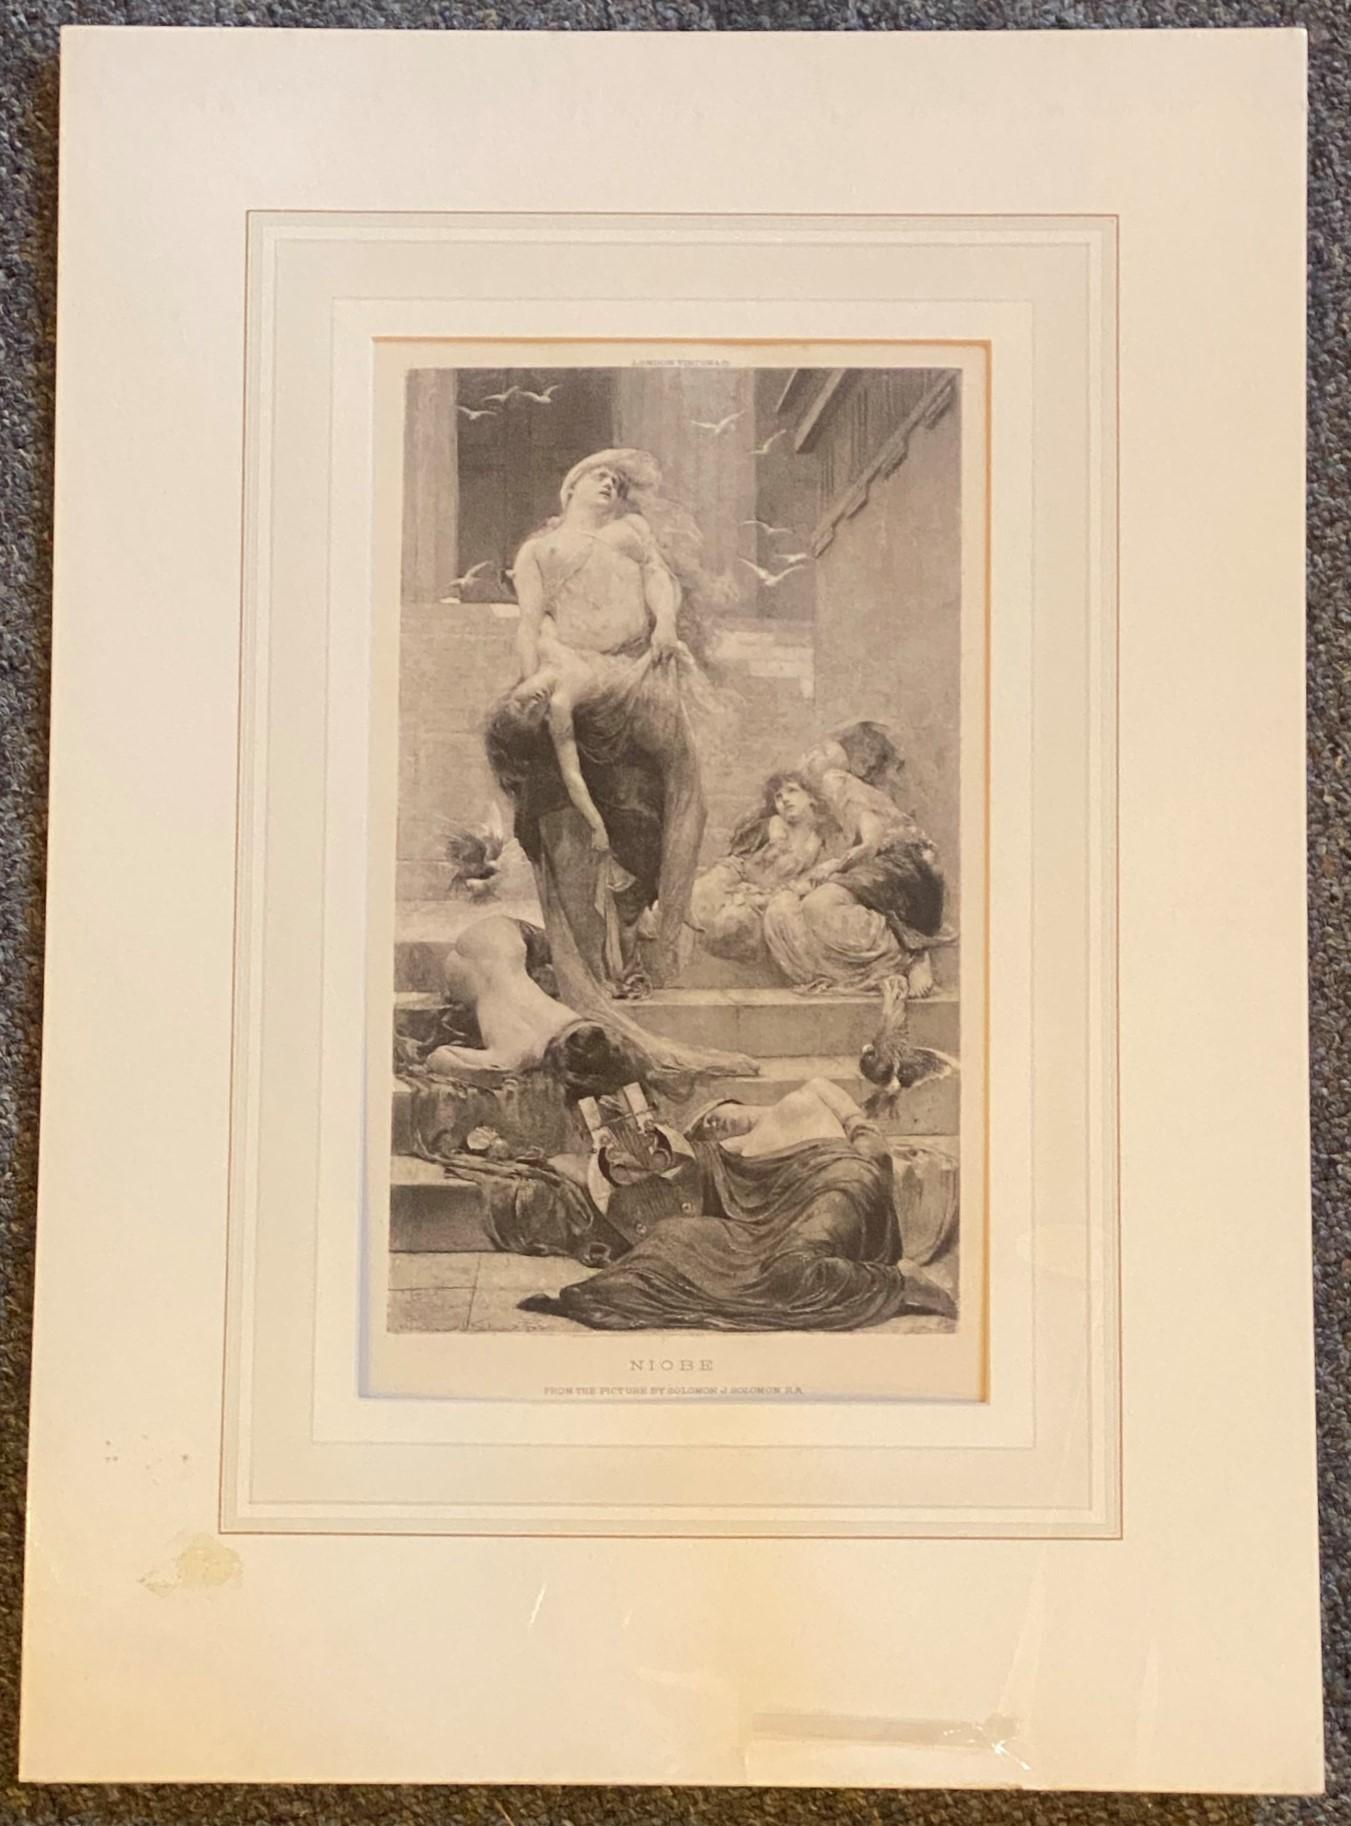 """Solomon Joseph Solomon RA RBA 1860-1927 """"Niobe"""" engraving - Image 2 of 4"""